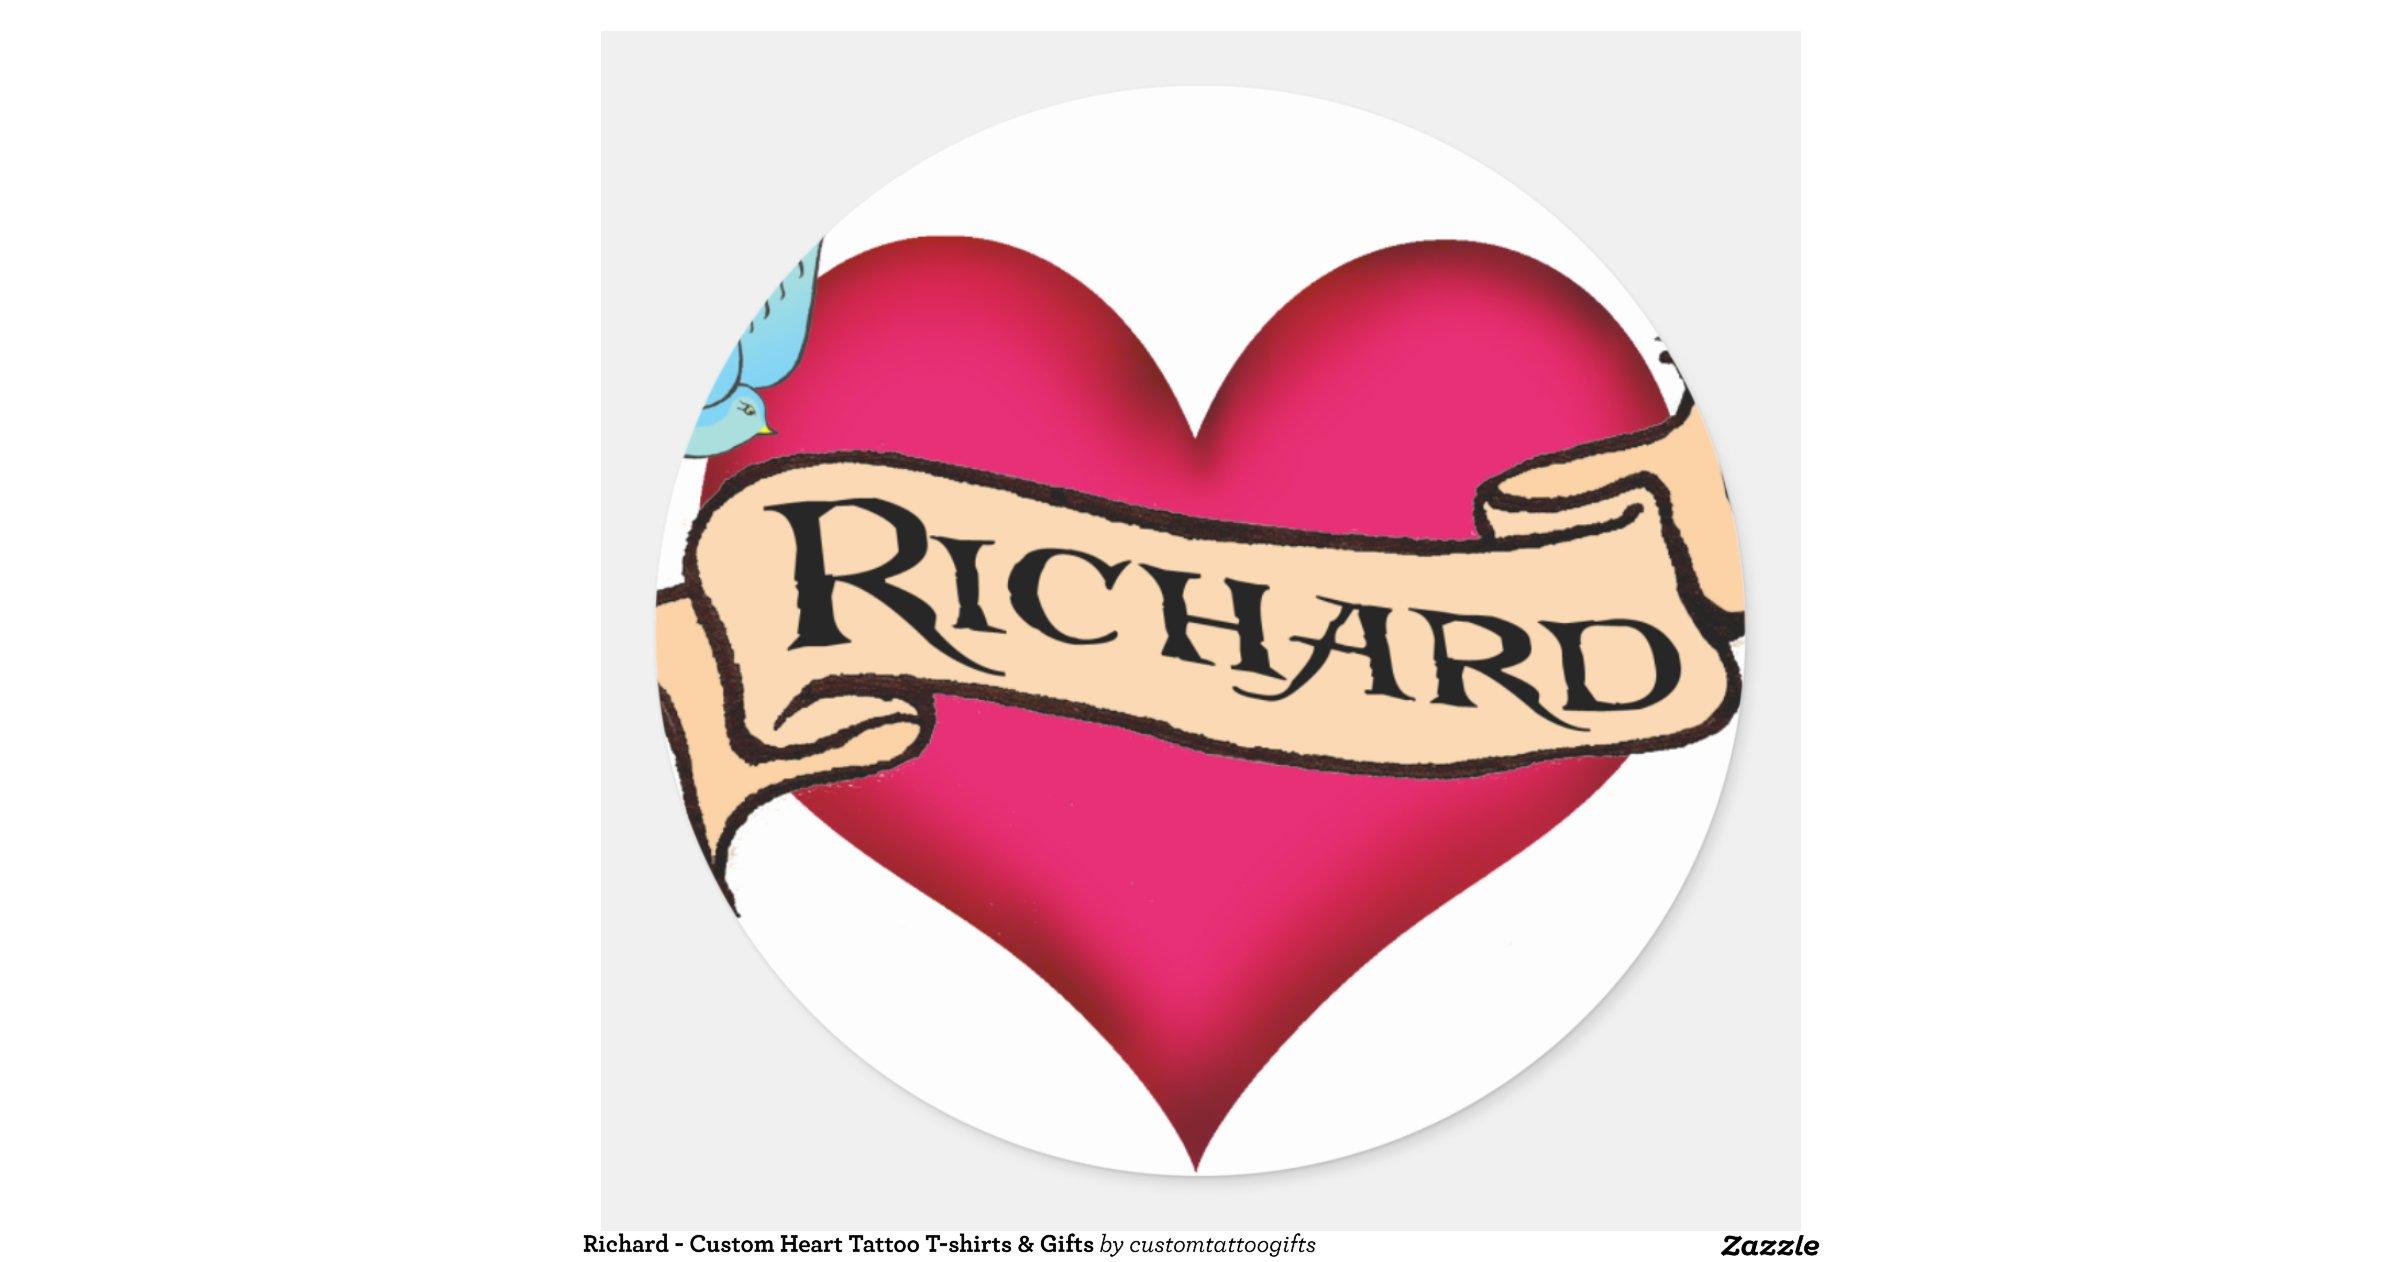 Richard custom heart tattoo t shirts gifts classic for Custom tattoo stickers